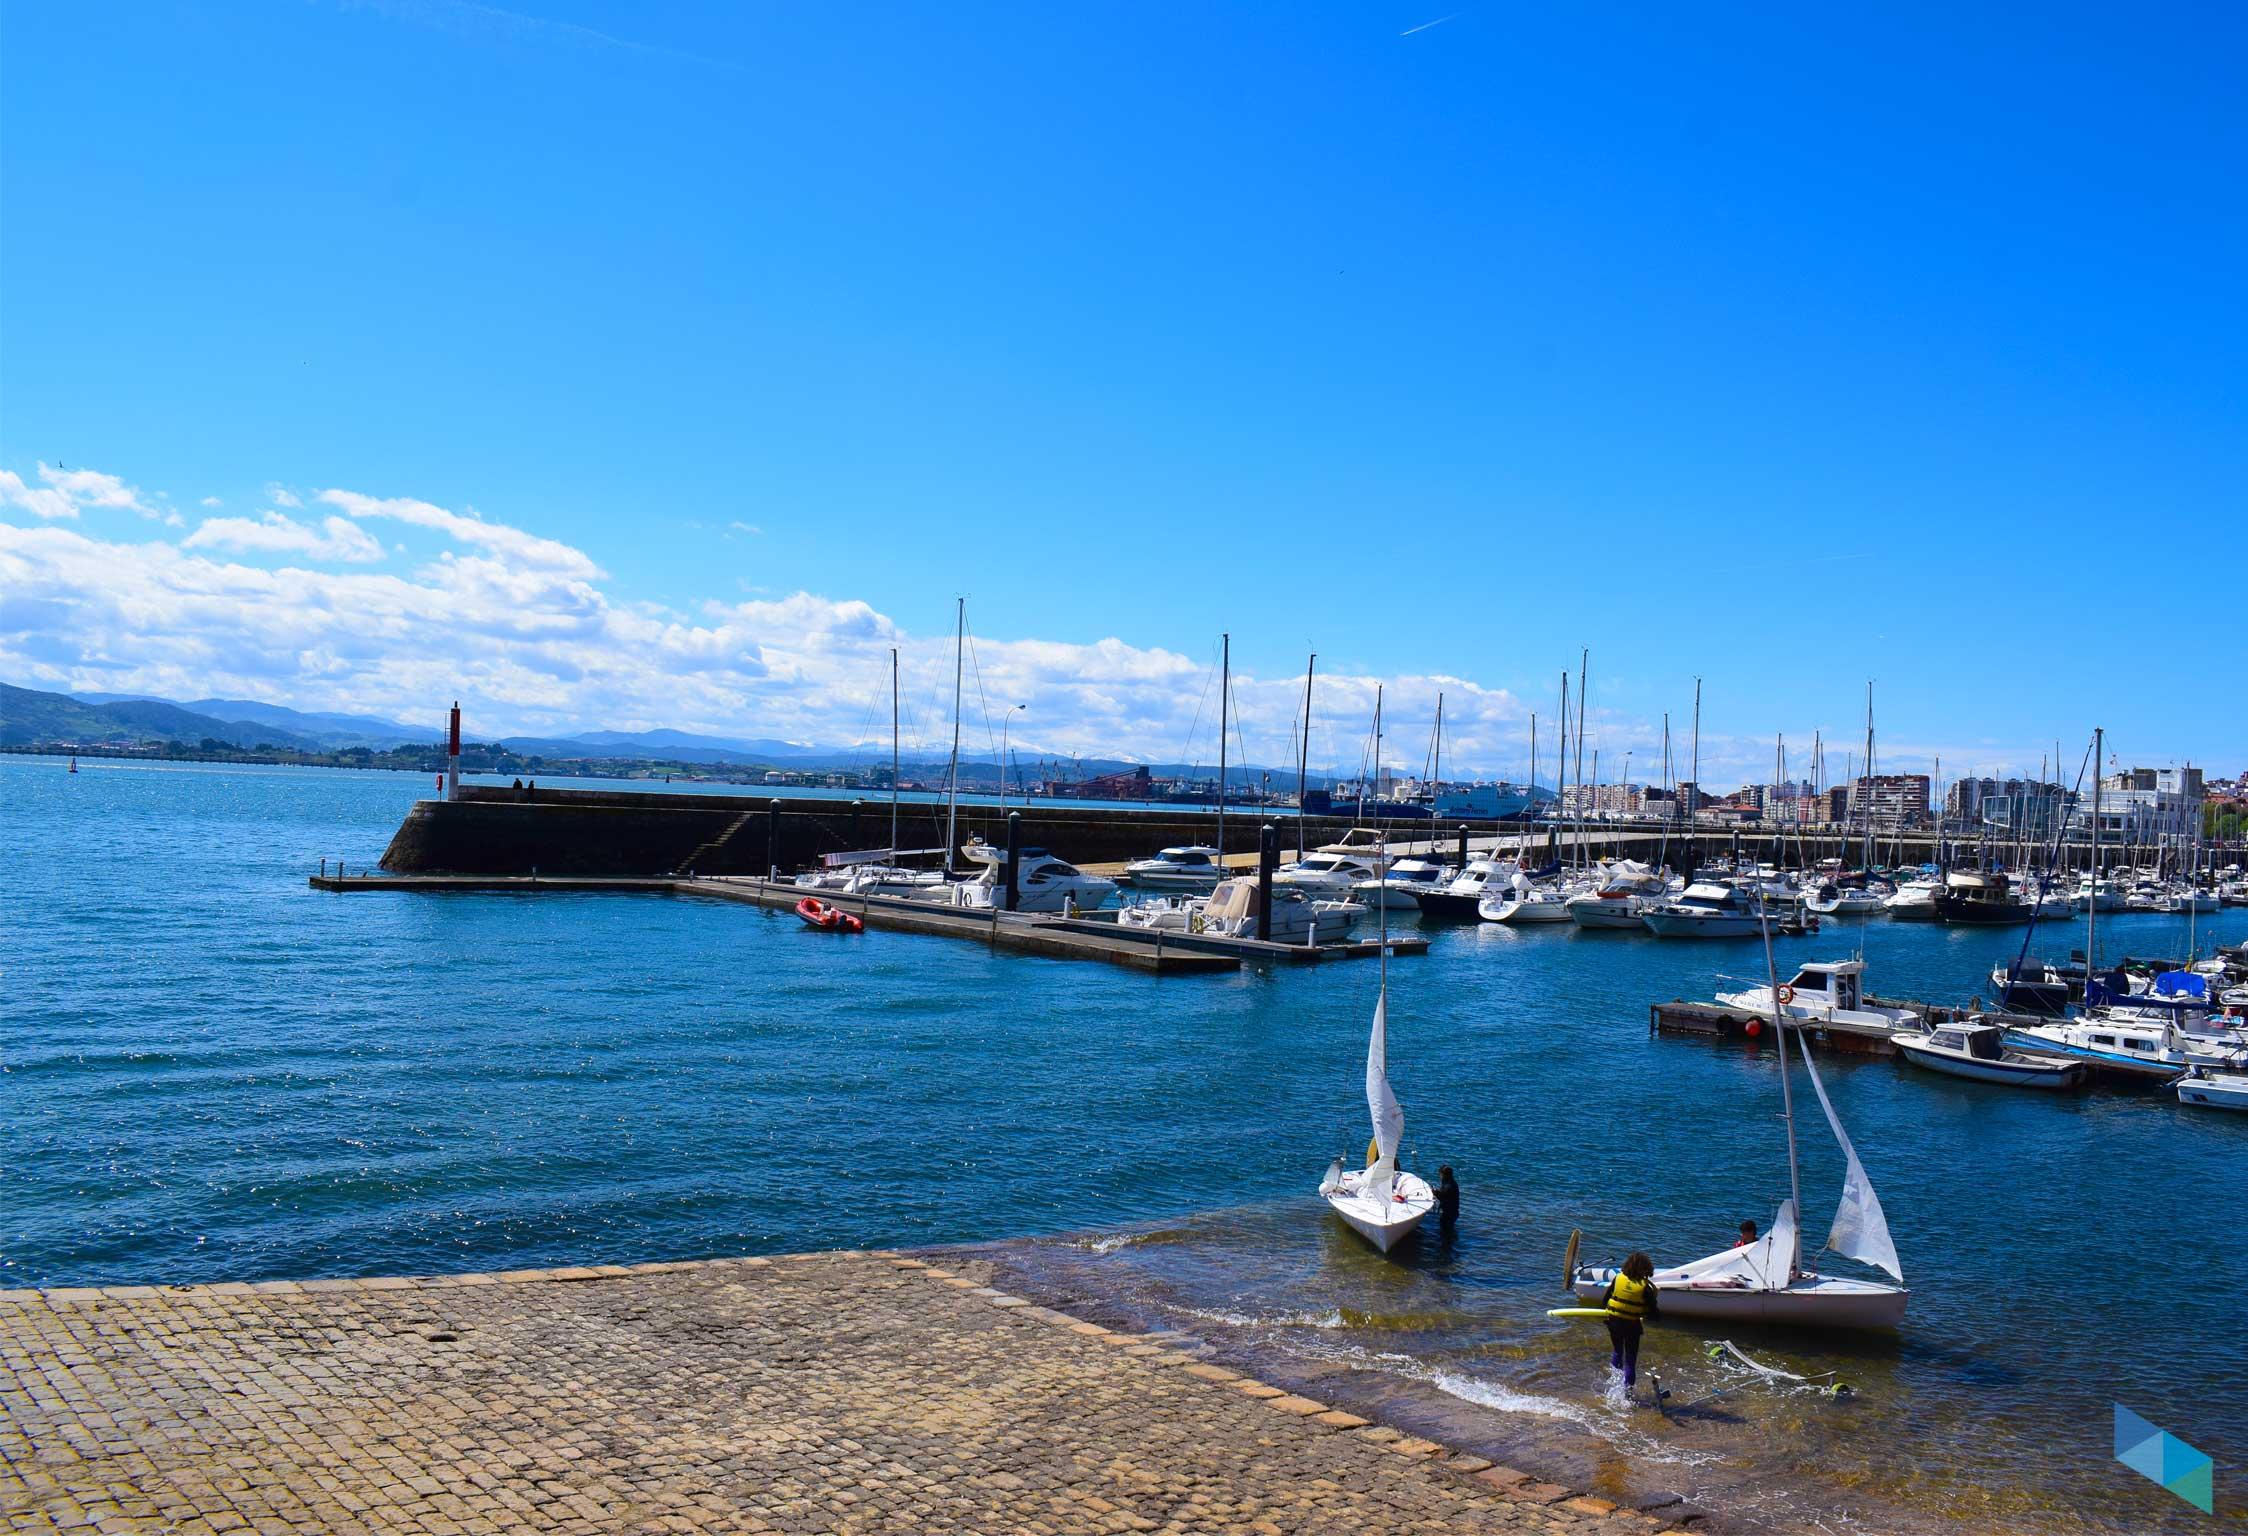 CEAR de vela Principe Felipe Santander hacia puerto chico